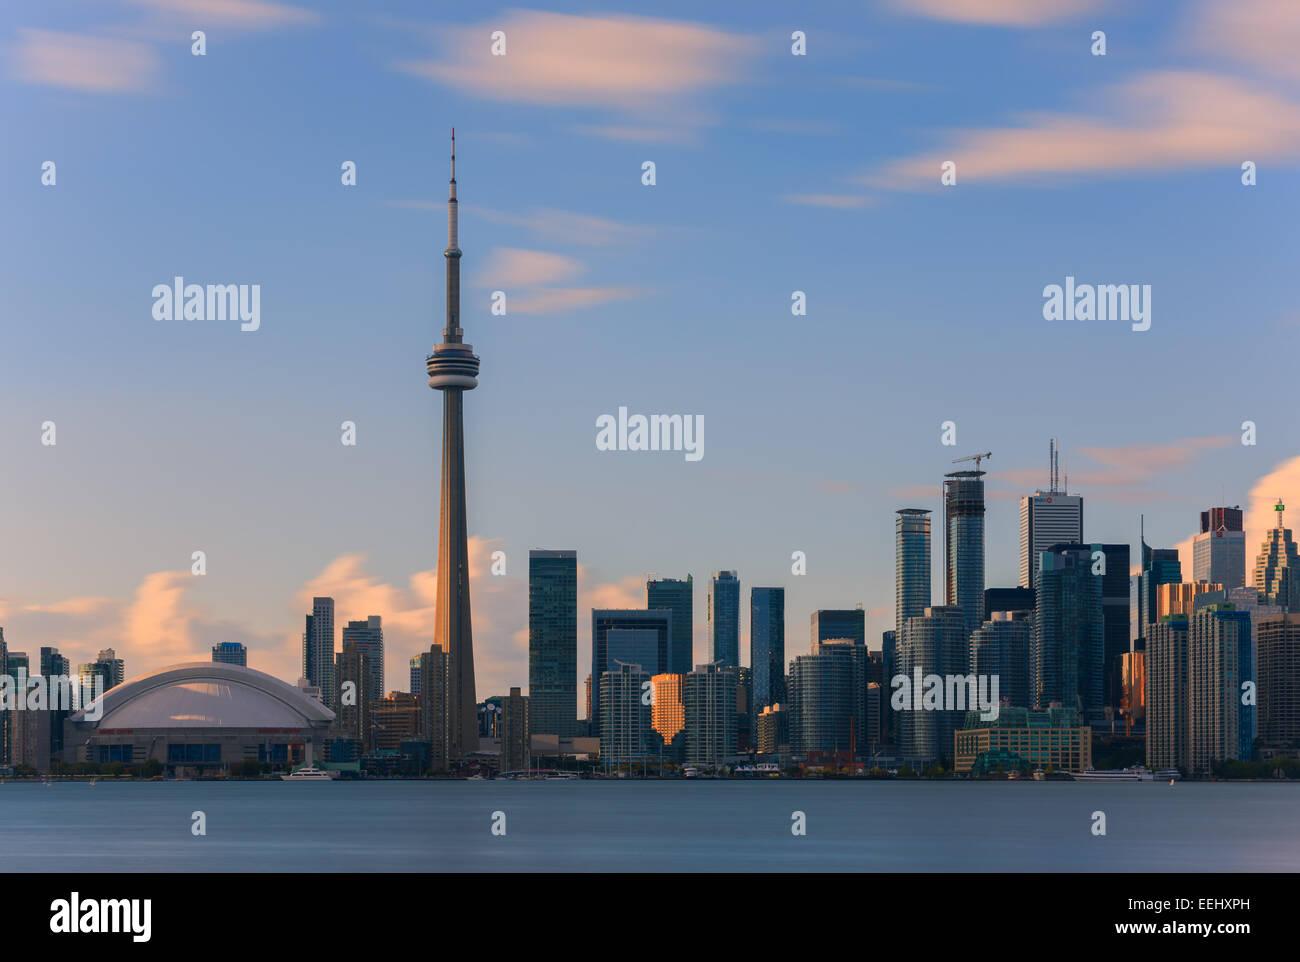 La CN Tower de Toronto al atardecer con una larga exposición, tomado de las Islas de Toronto. Foto de stock